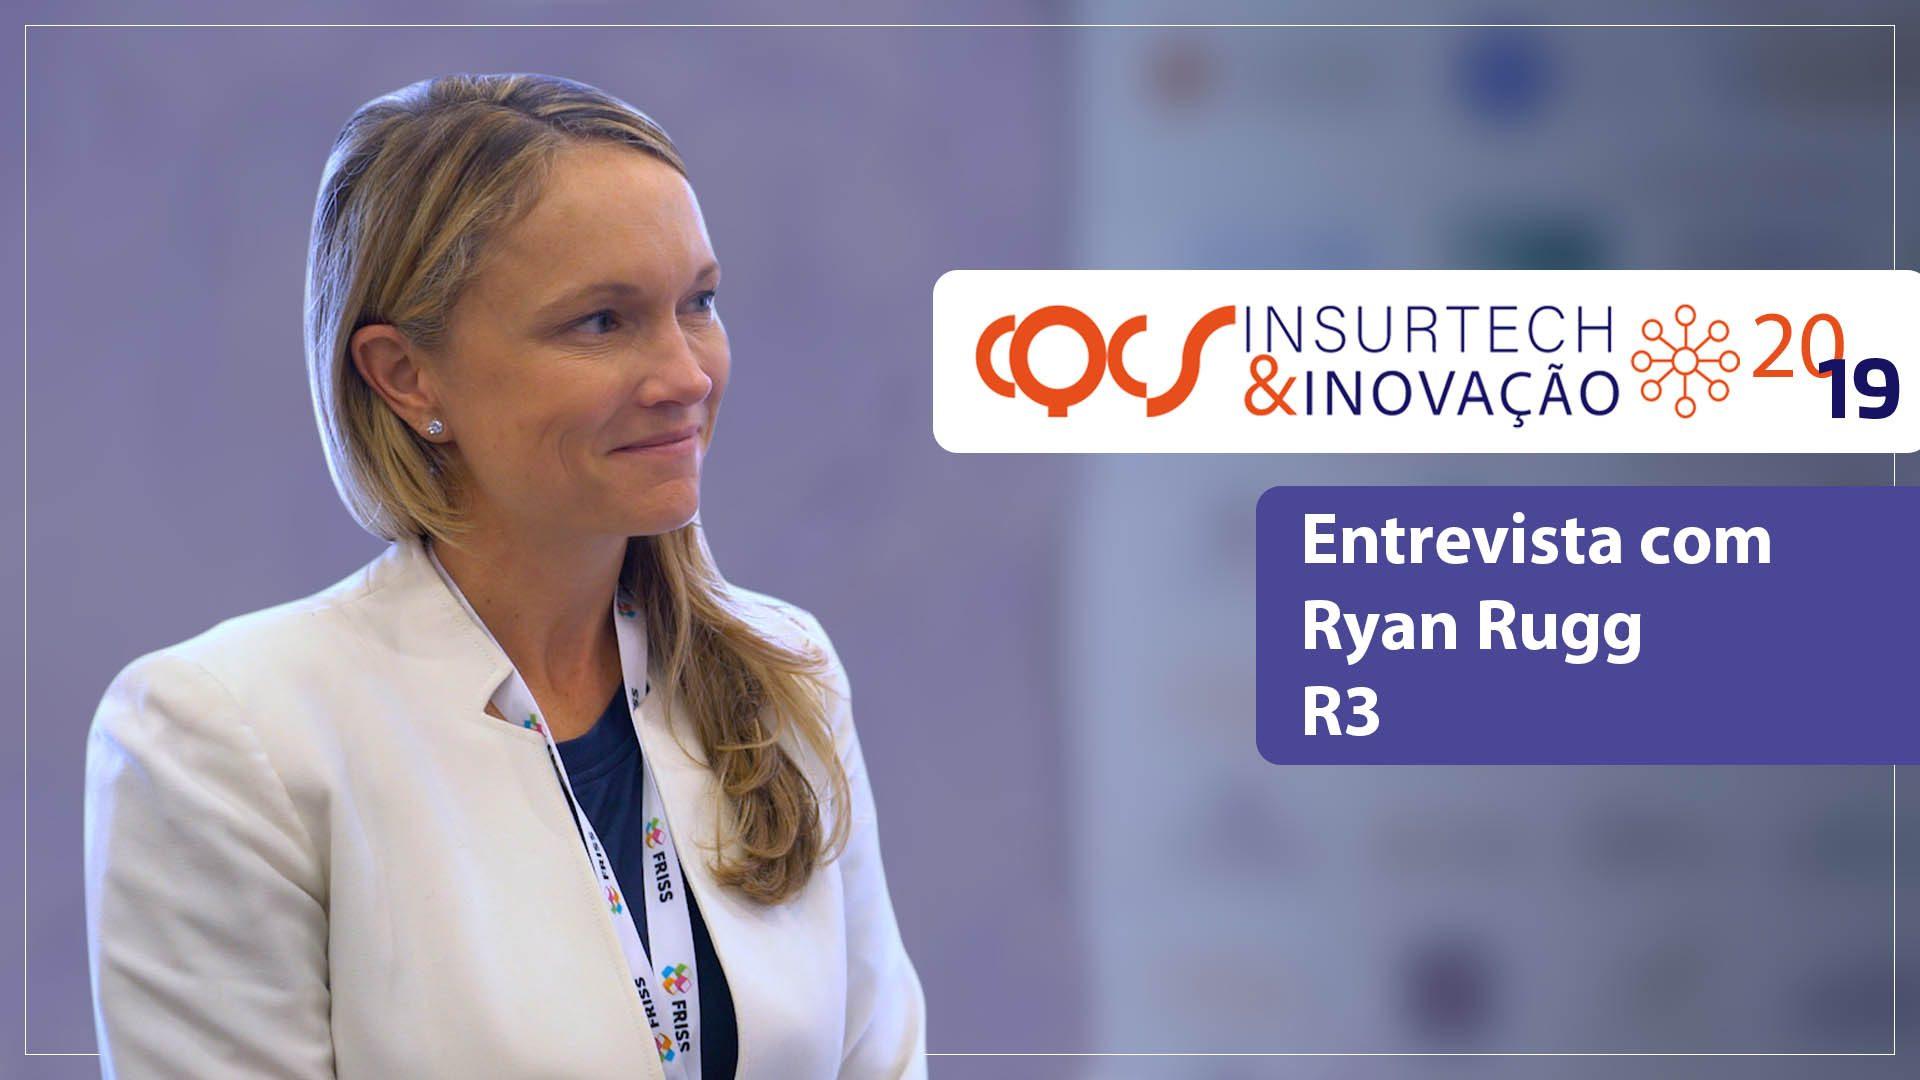 CQCS Insurtech & Inovação R3